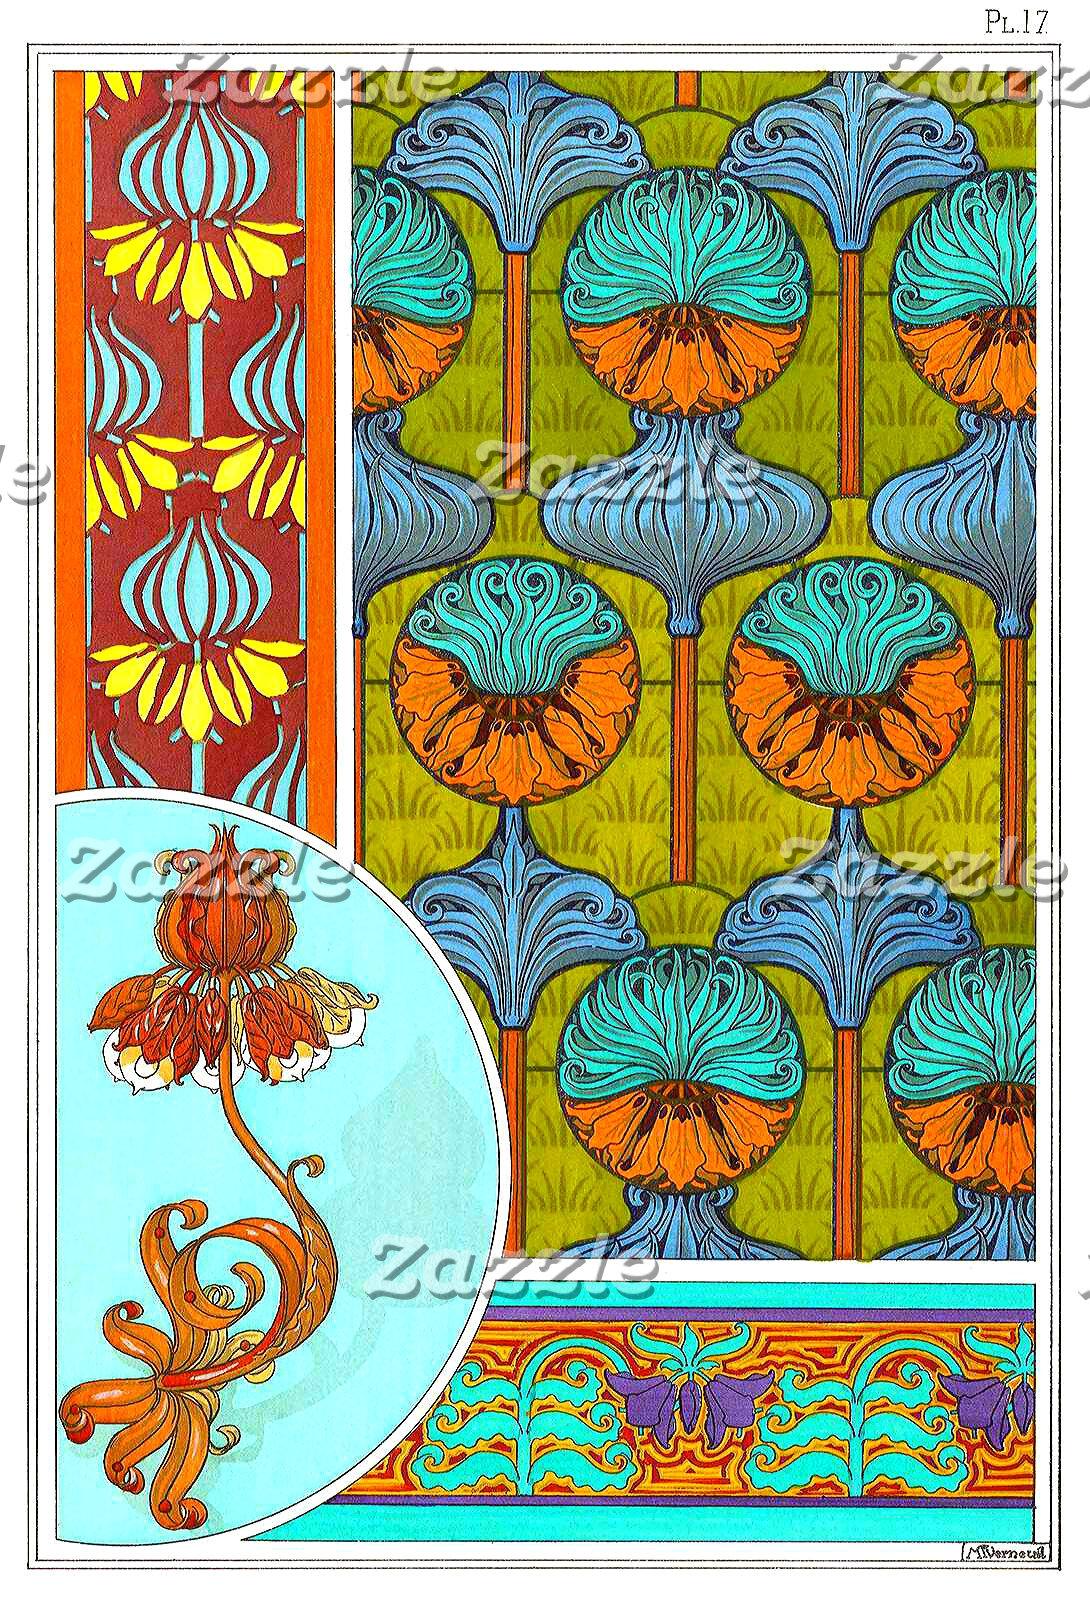 Art nouveau orange and turquoise floral print